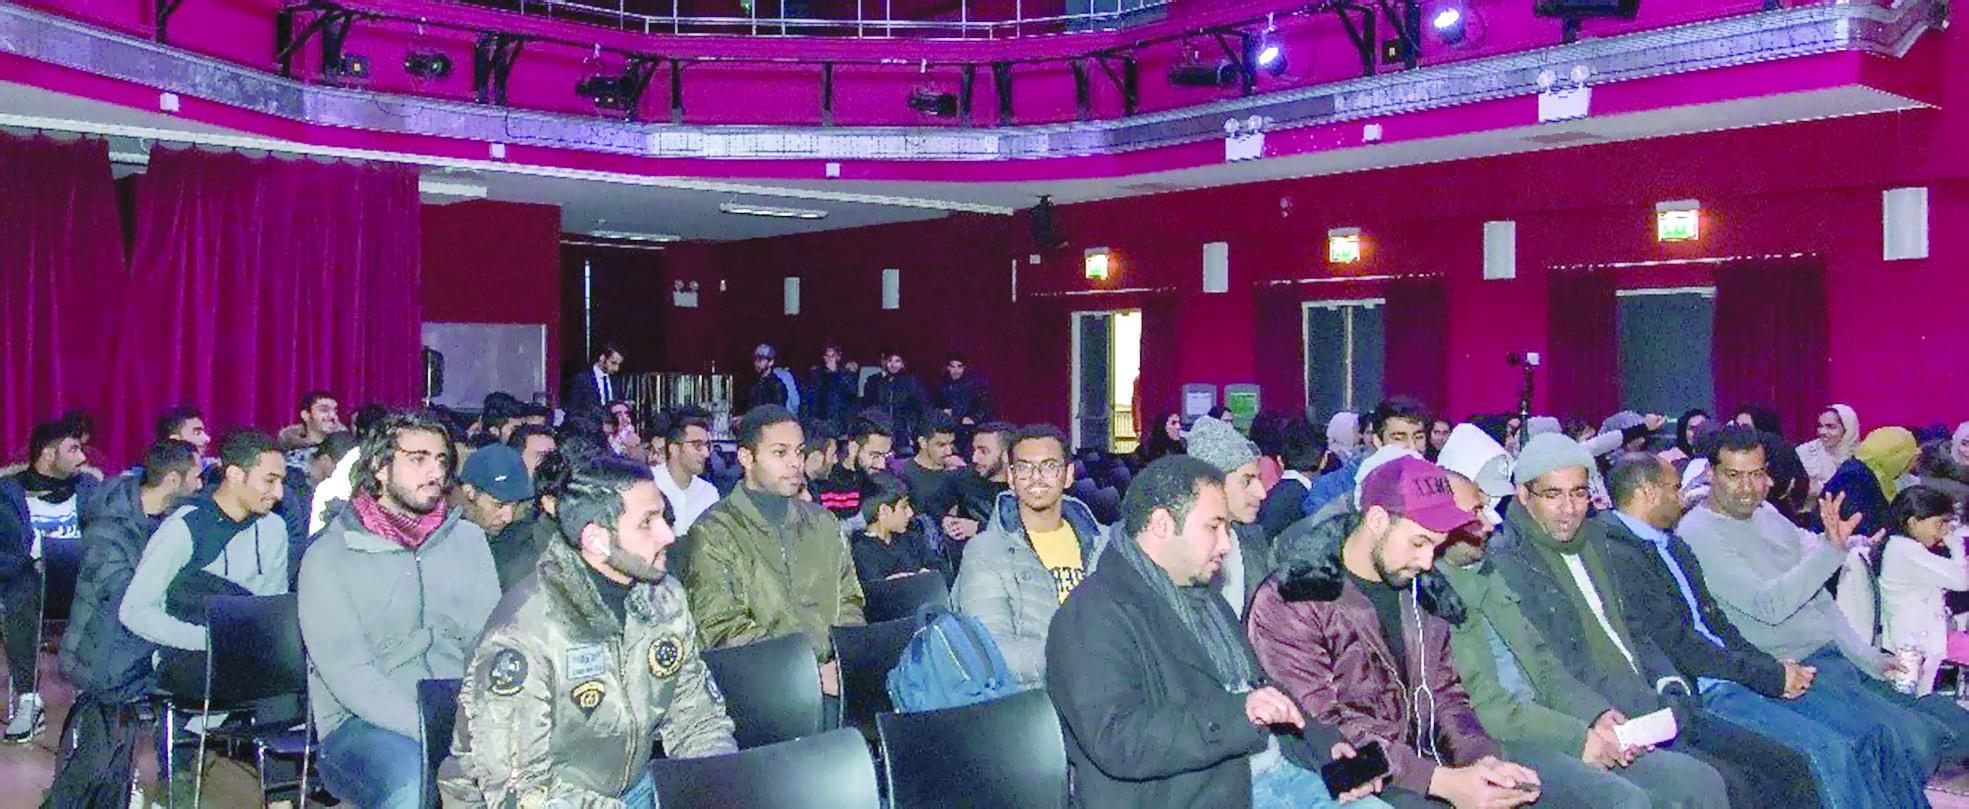 أمسية ثقافية عمانية بمدينة ليفربول البريطانية